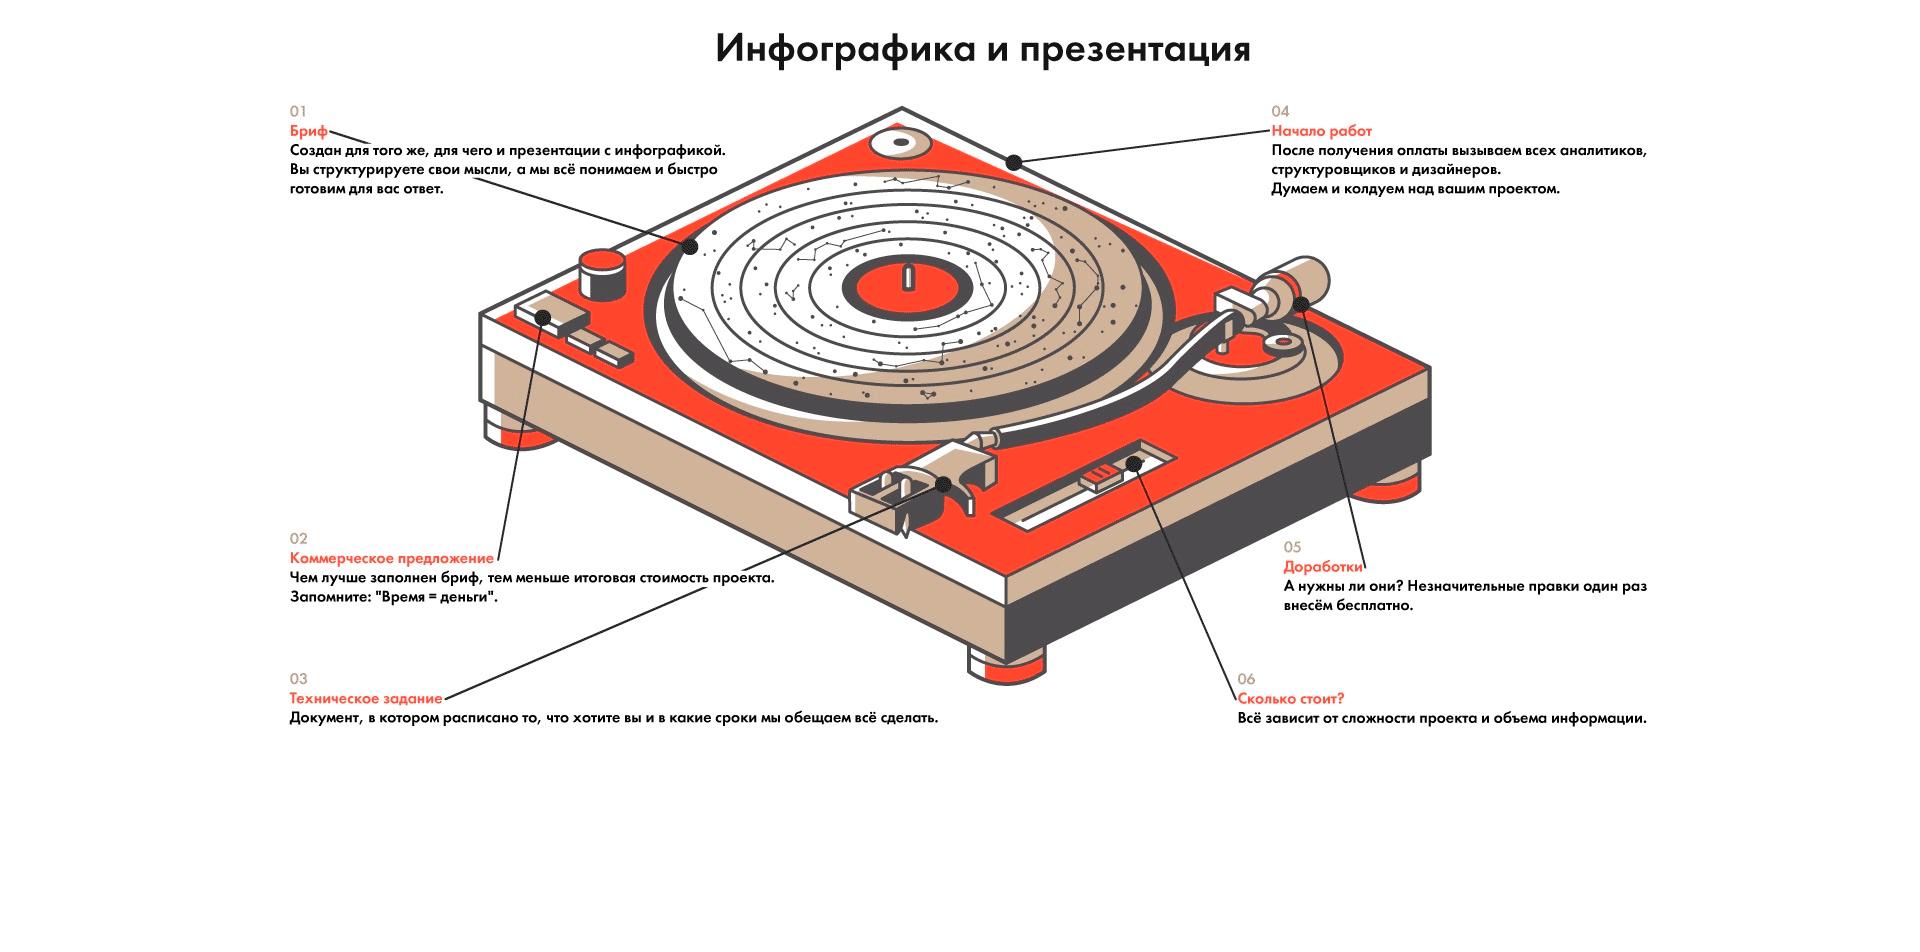 Схема работы при создании презентации и графиков